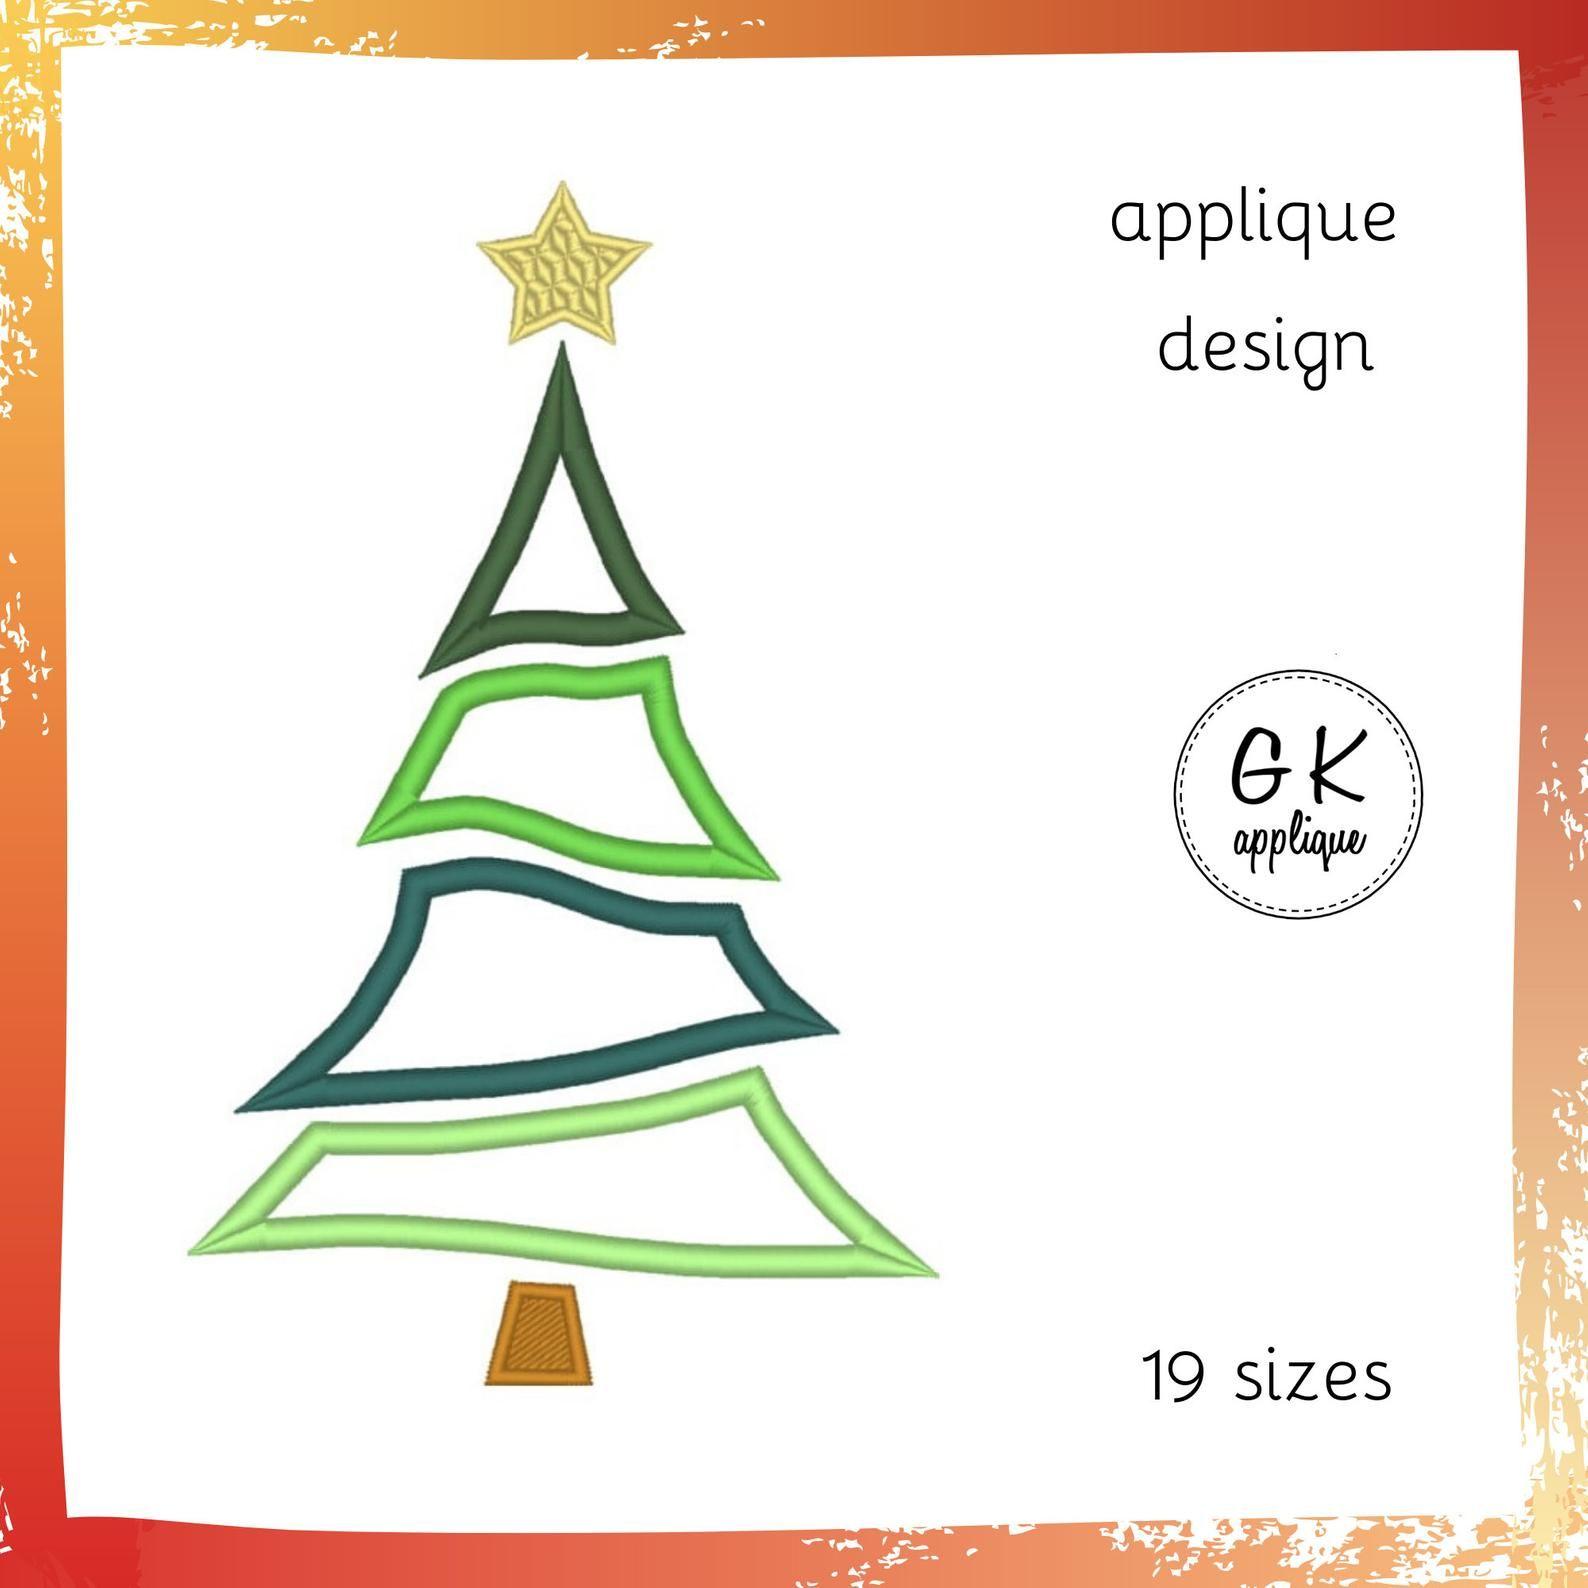 Christmas Tree Applique Design Machine Embroidery Design Etsy Machine Embroidery Designs Applique Designs Christmas Tree Embroidery Design